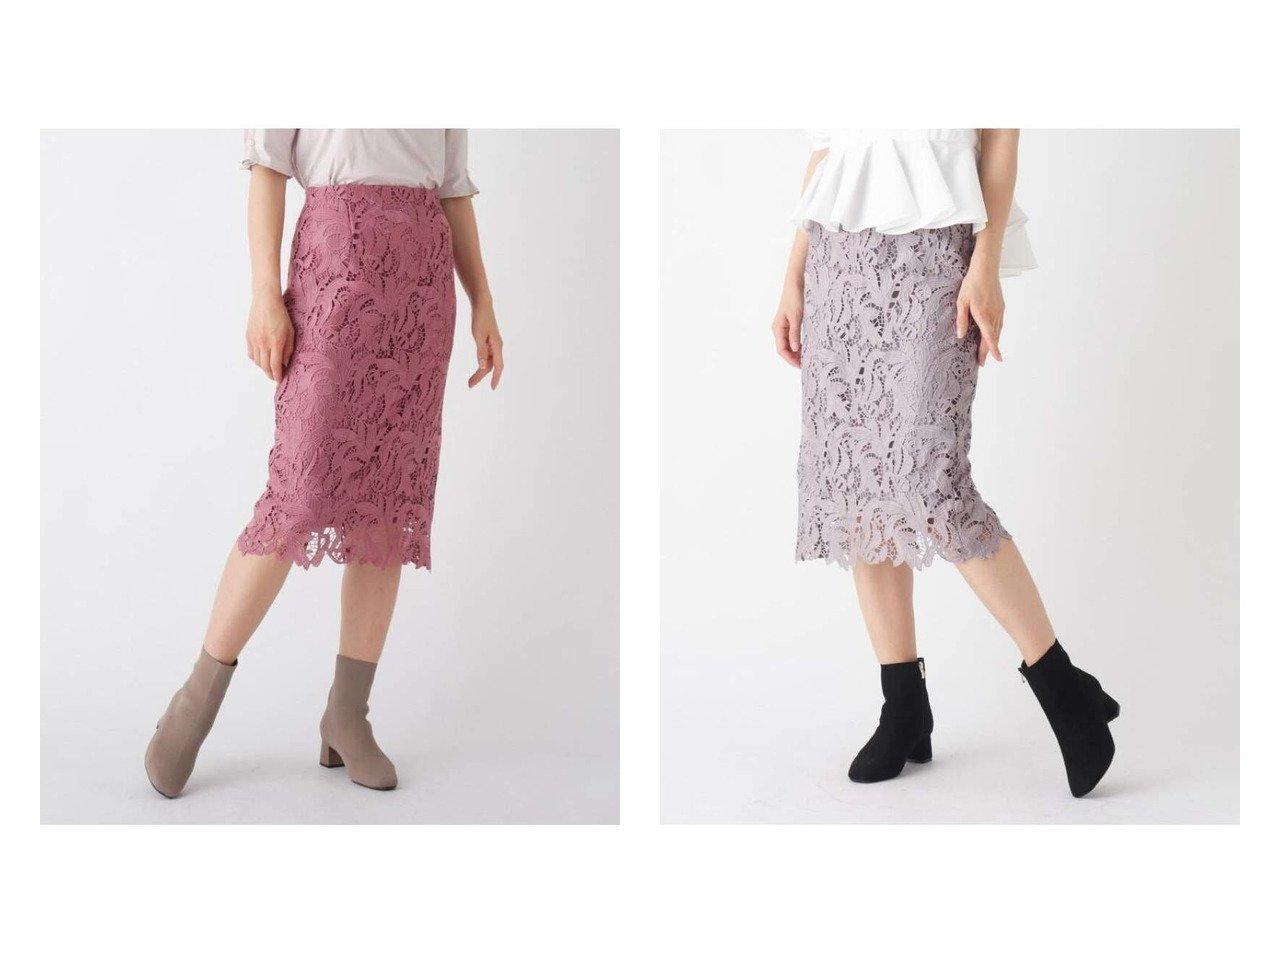 【INDEX/インデックス】のリーフレースタイトスカート 【スカート】おすすめ!人気、トレンド・レディースファッションの通販 おすすめで人気の流行・トレンド、ファッションの通販商品 インテリア・家具・メンズファッション・キッズファッション・レディースファッション・服の通販 founy(ファニー) https://founy.com/ ファッション Fashion レディースファッション WOMEN スカート Skirt サテン スリット ベーシック リーフ レース ローズ 再入荷 Restock/Back in Stock/Re Arrival 定番 Standard 秋 Autumn/Fall |ID:crp329100000072561